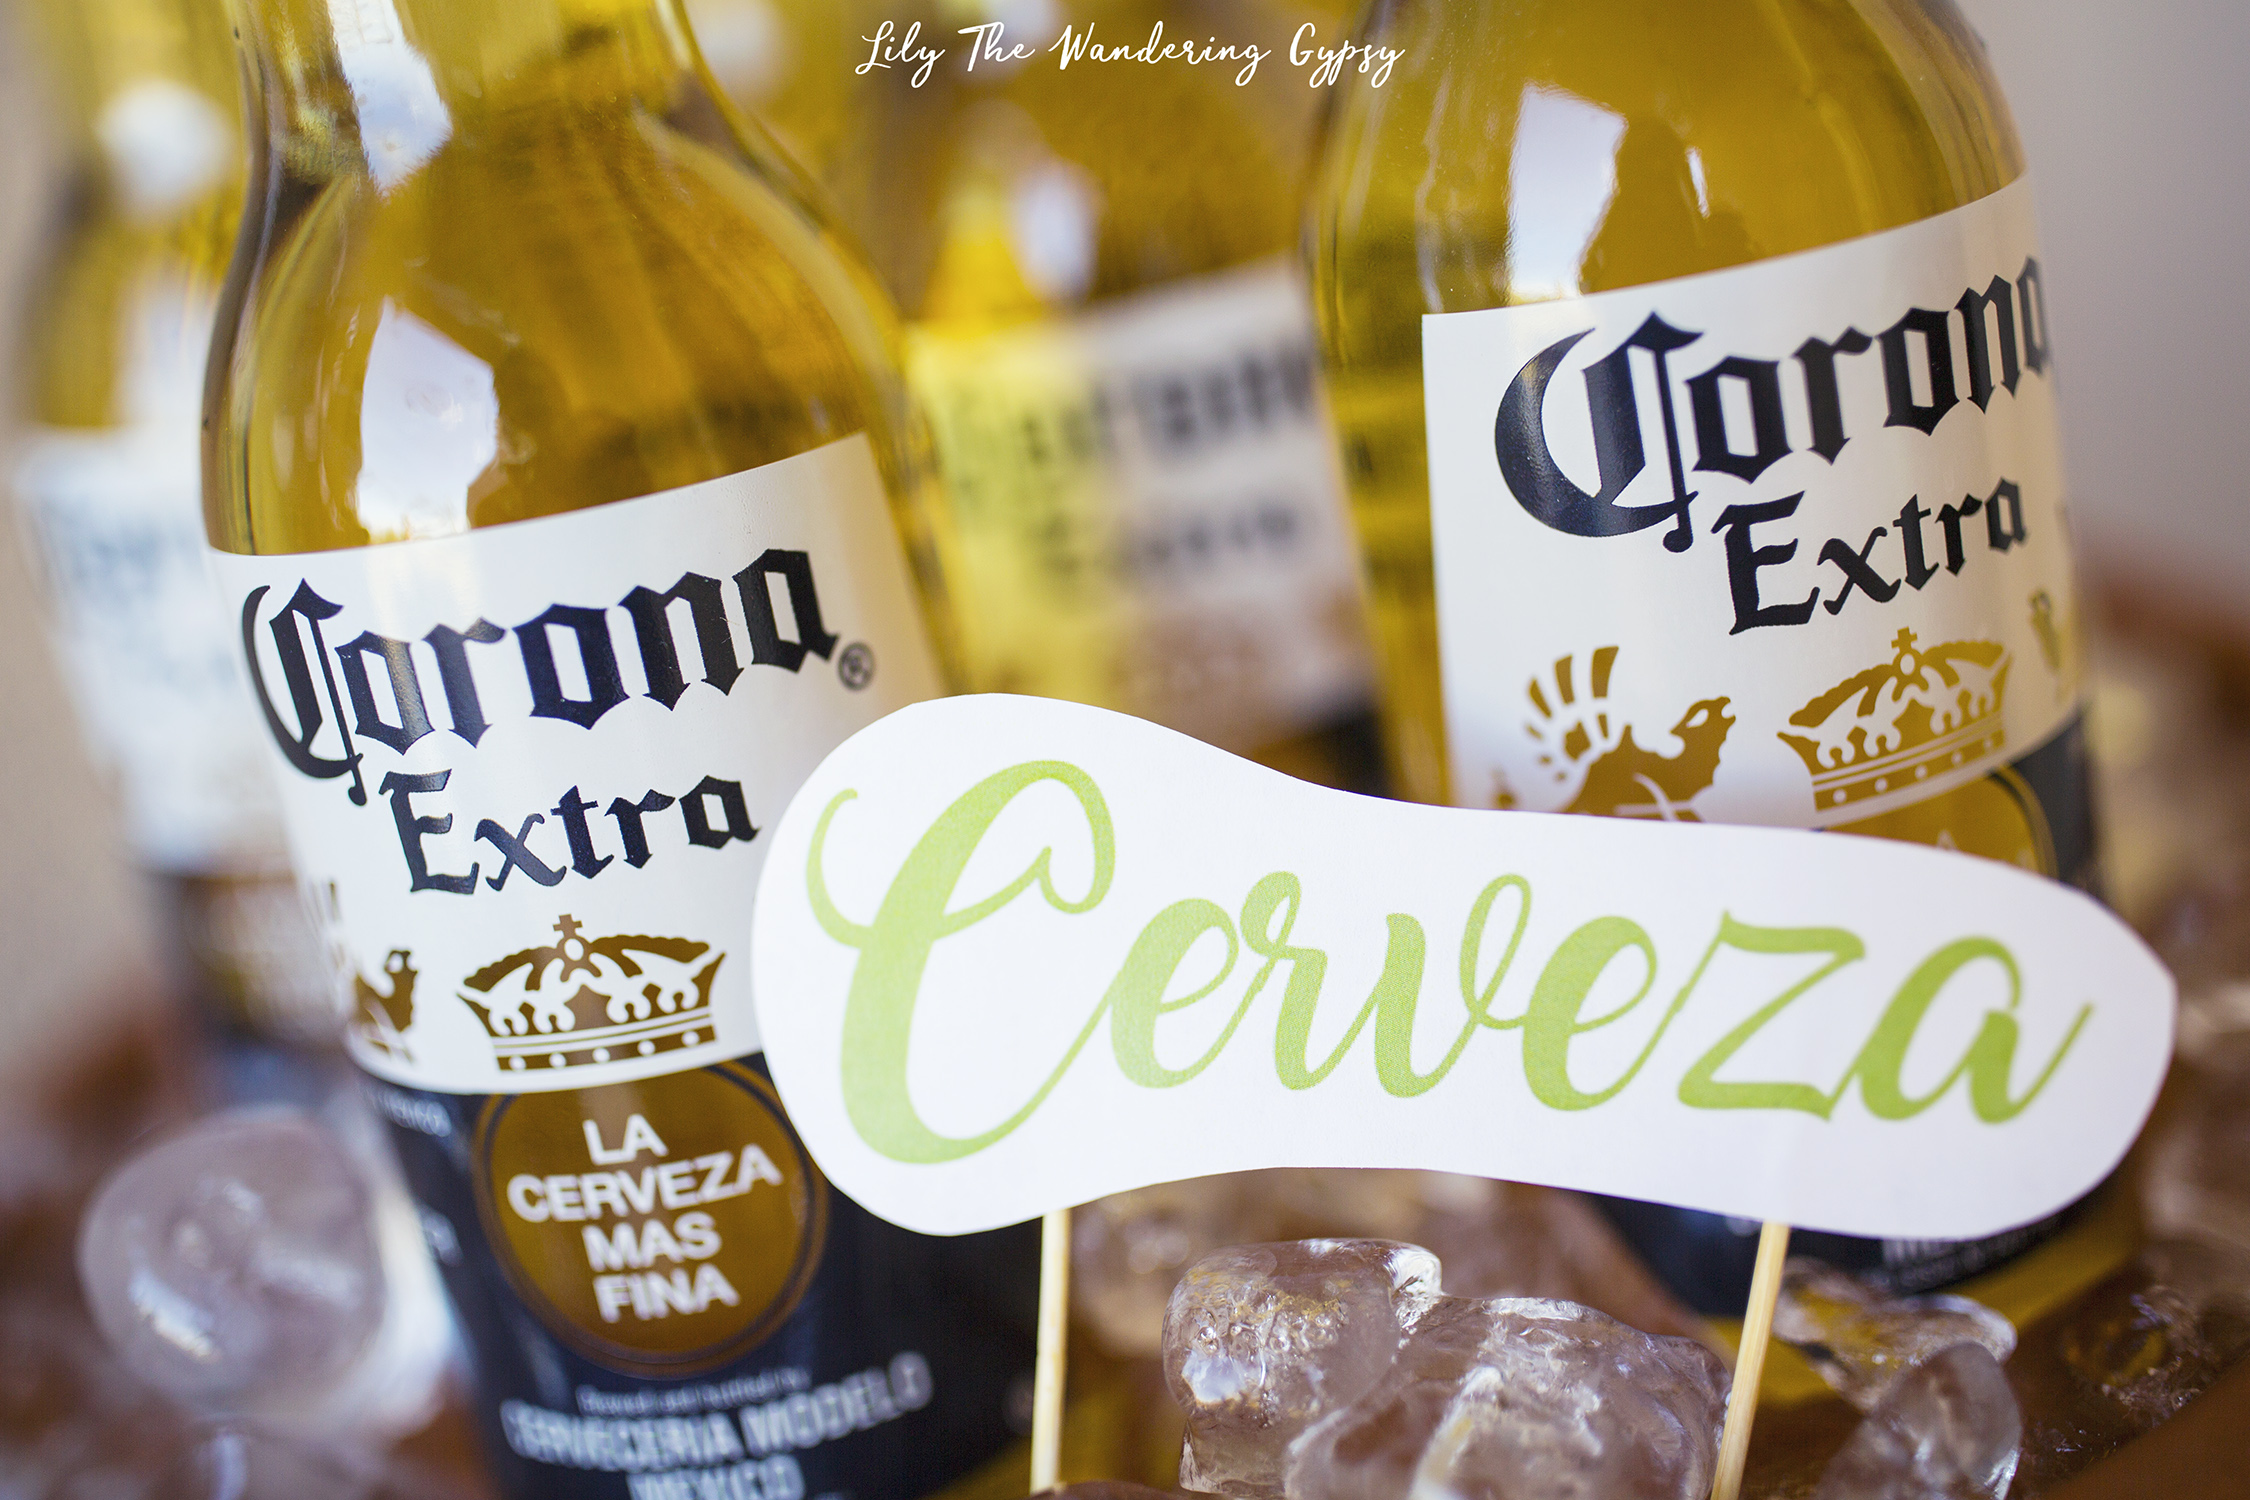 #CervezaCelebration